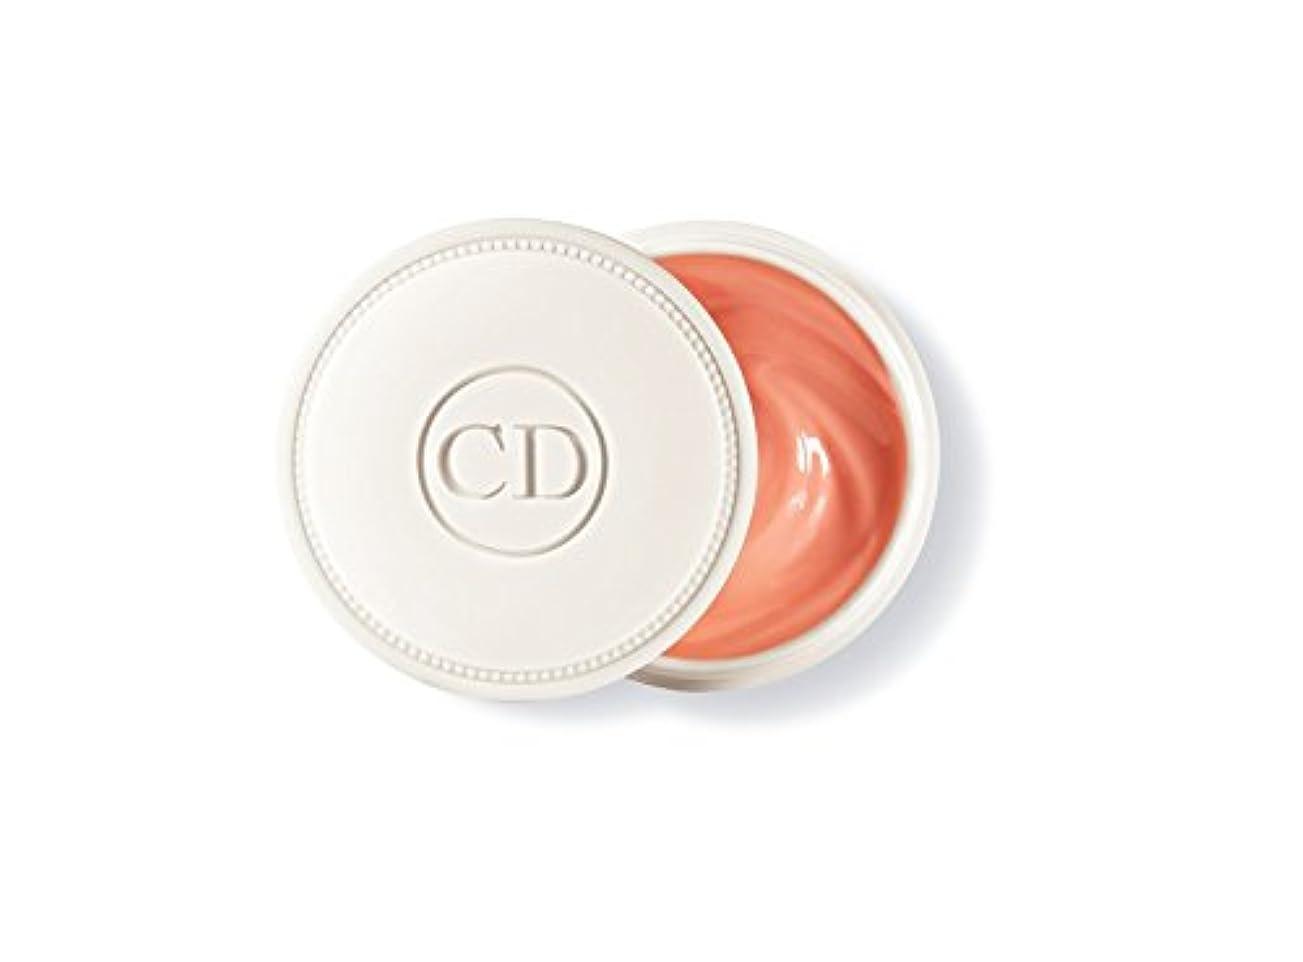 耐久振るダーベビルのテスクリスチャンディオール クレーム アブリコ 10g(並行輸入品)